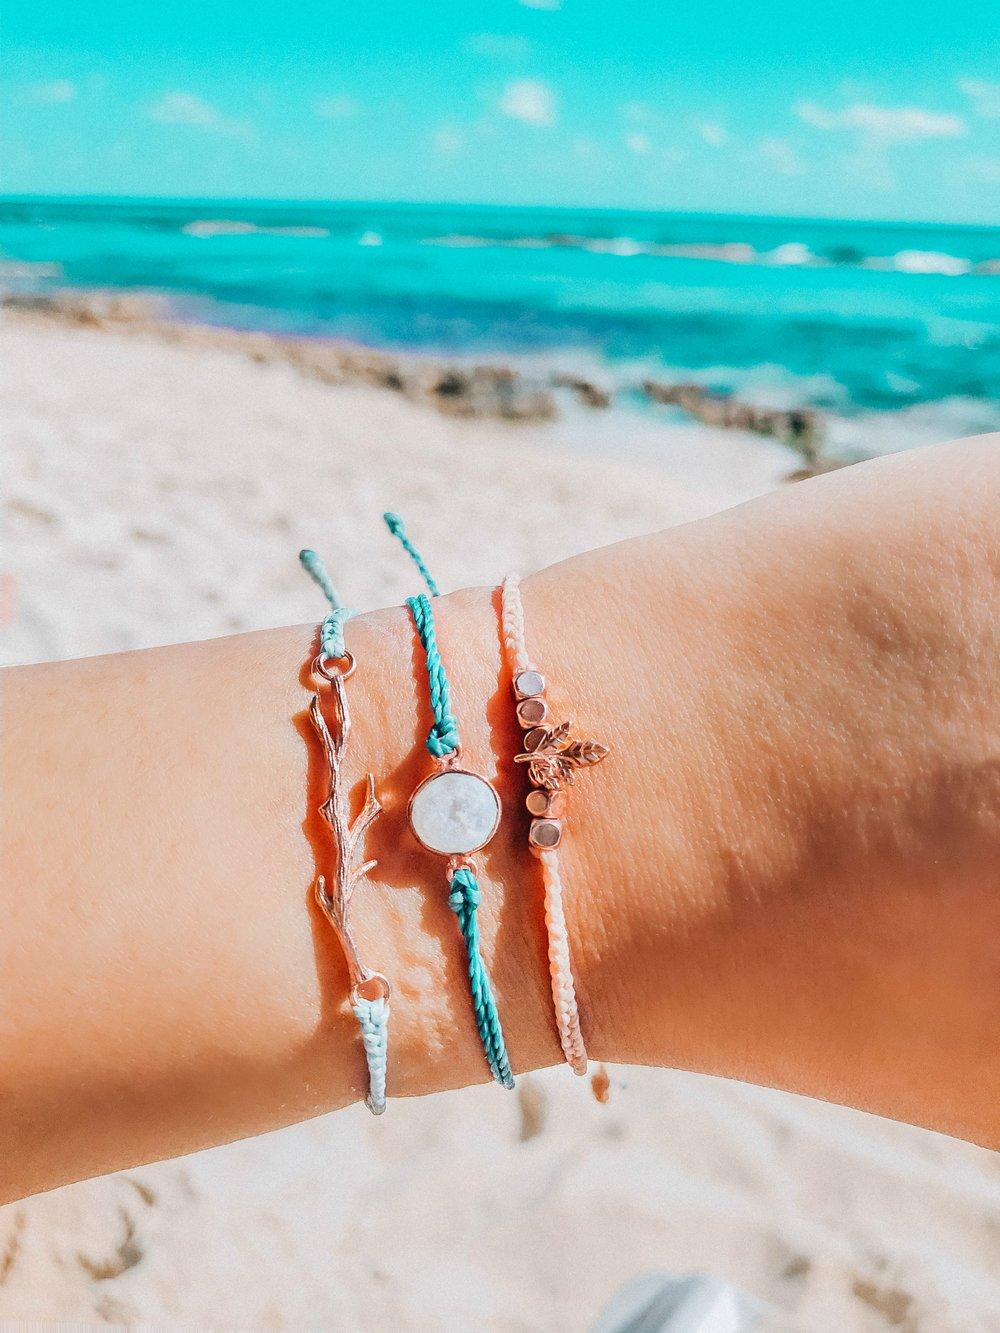 puravida bracelets .jpg